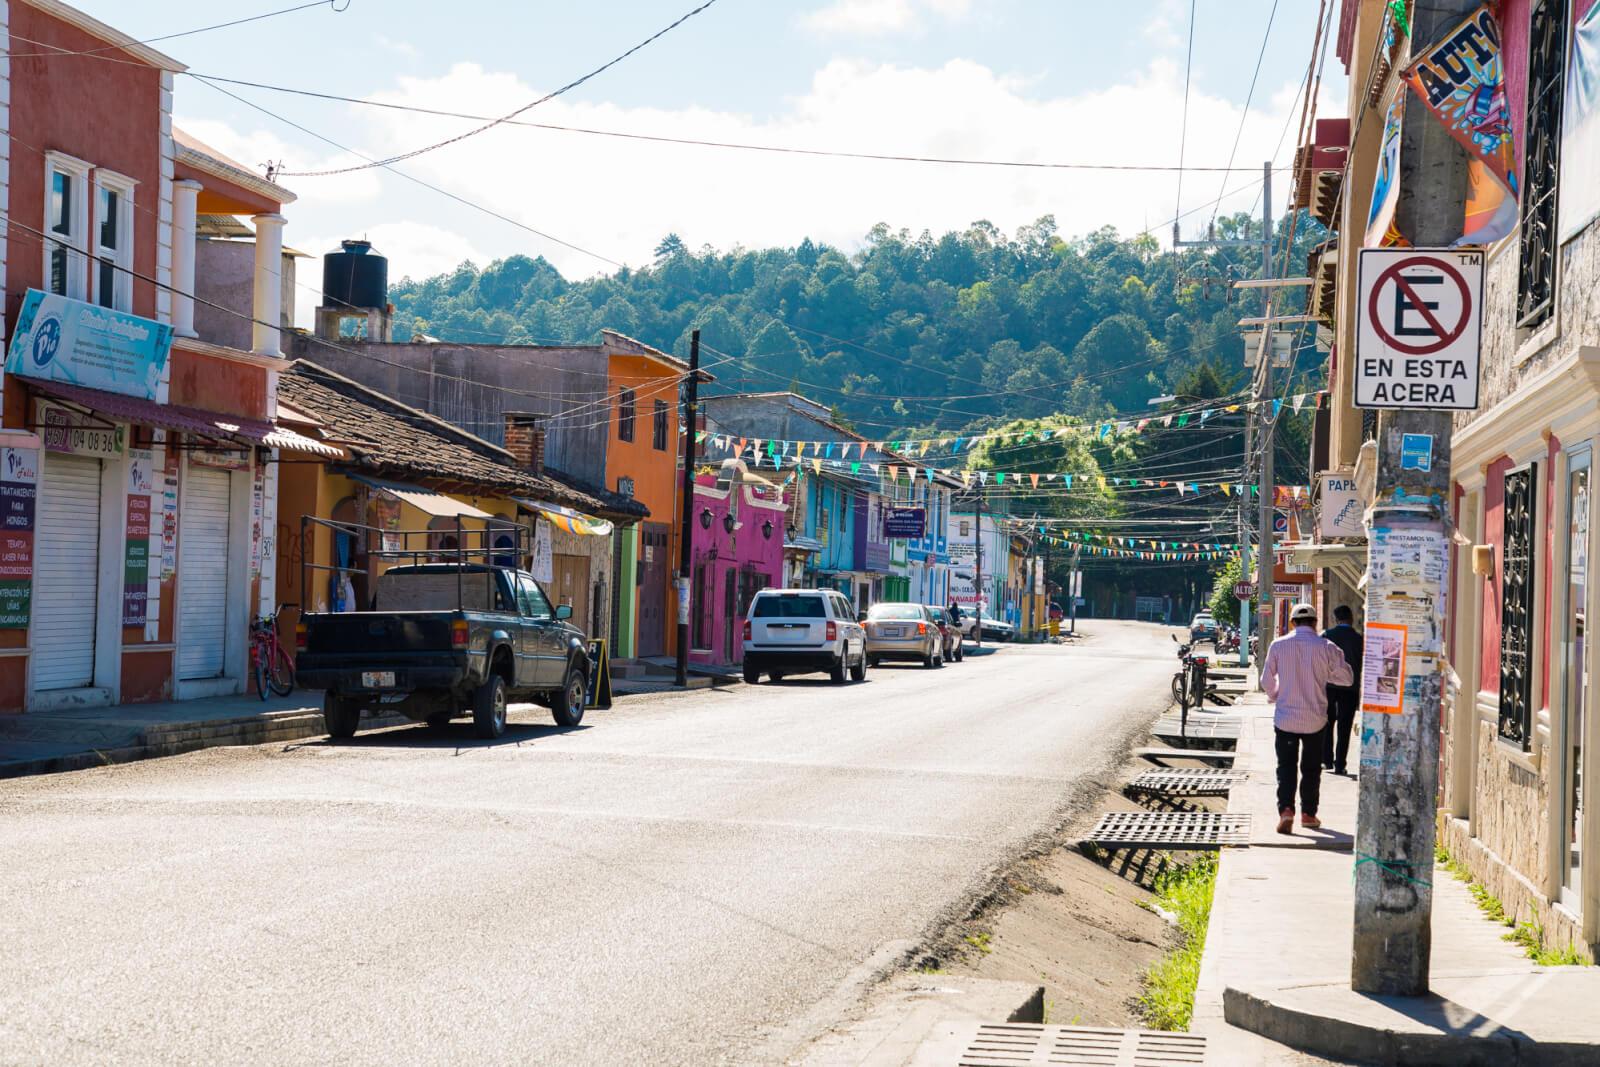 San Cristobal de las Casas in Chiapas Mexico